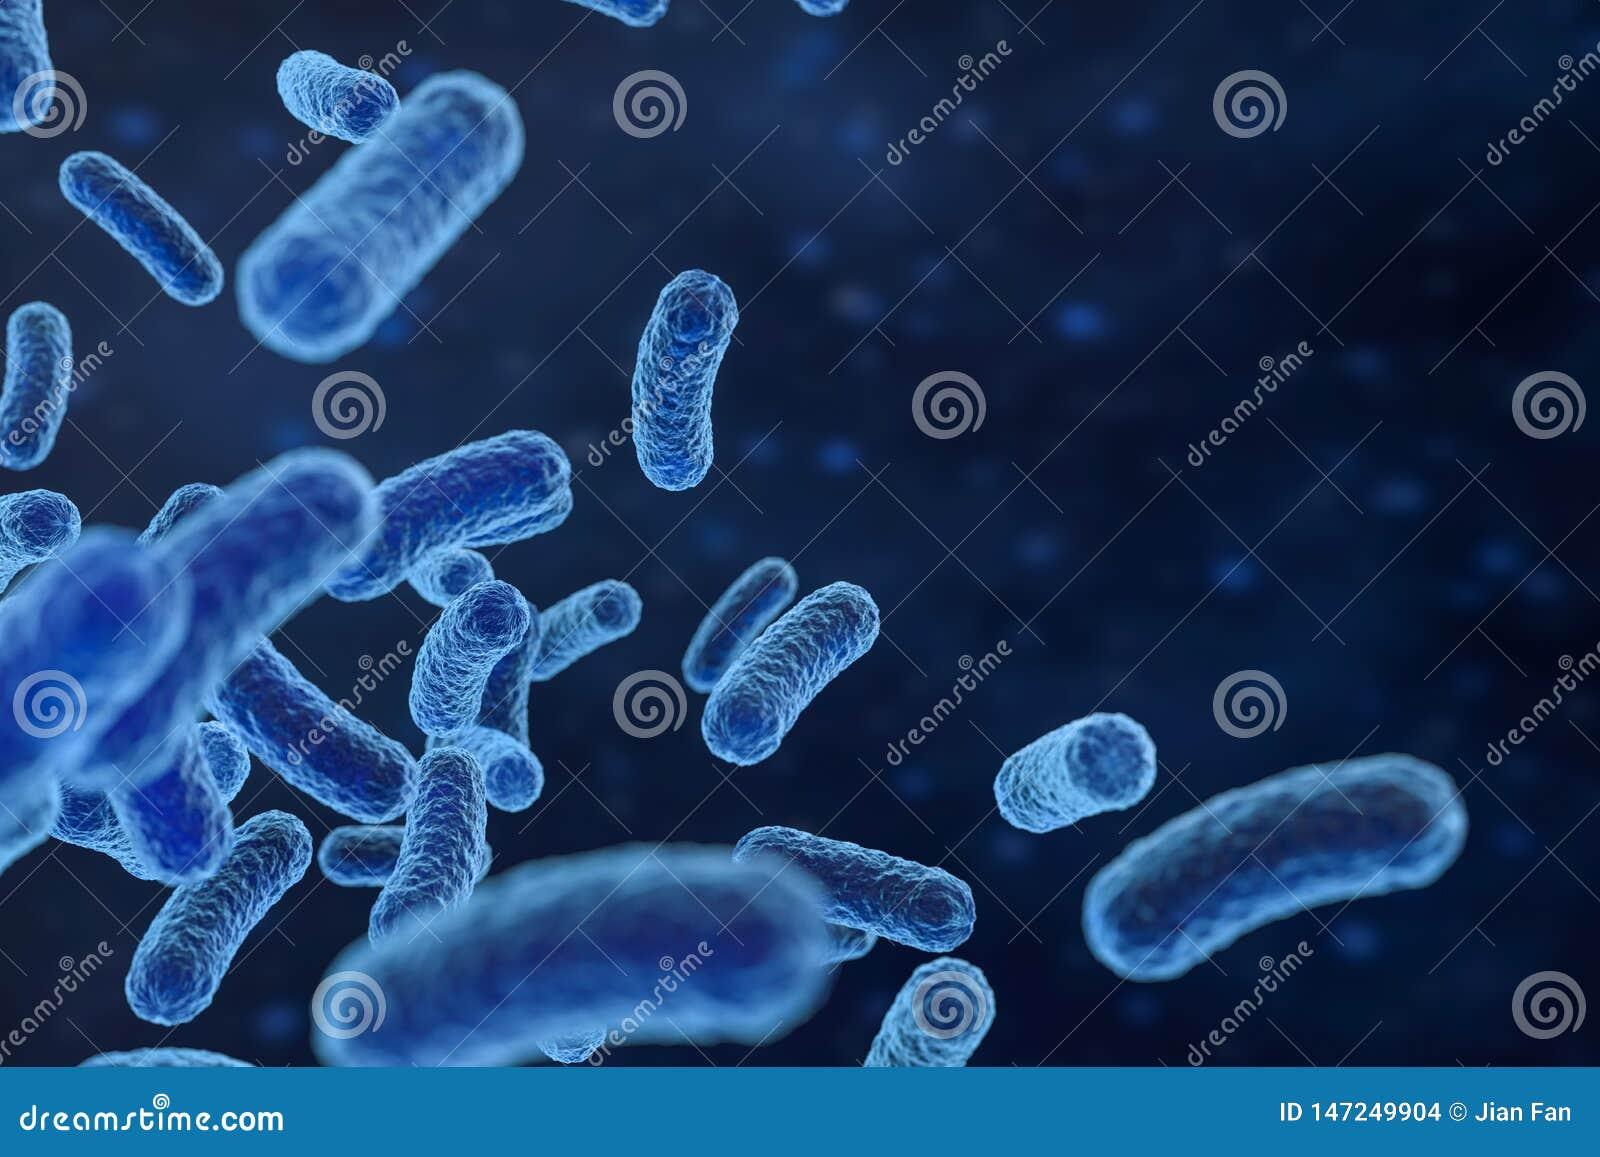 Besmettelijk virus met oppervlaktedetails op blauwe achtergrond, het 3d teruggeven